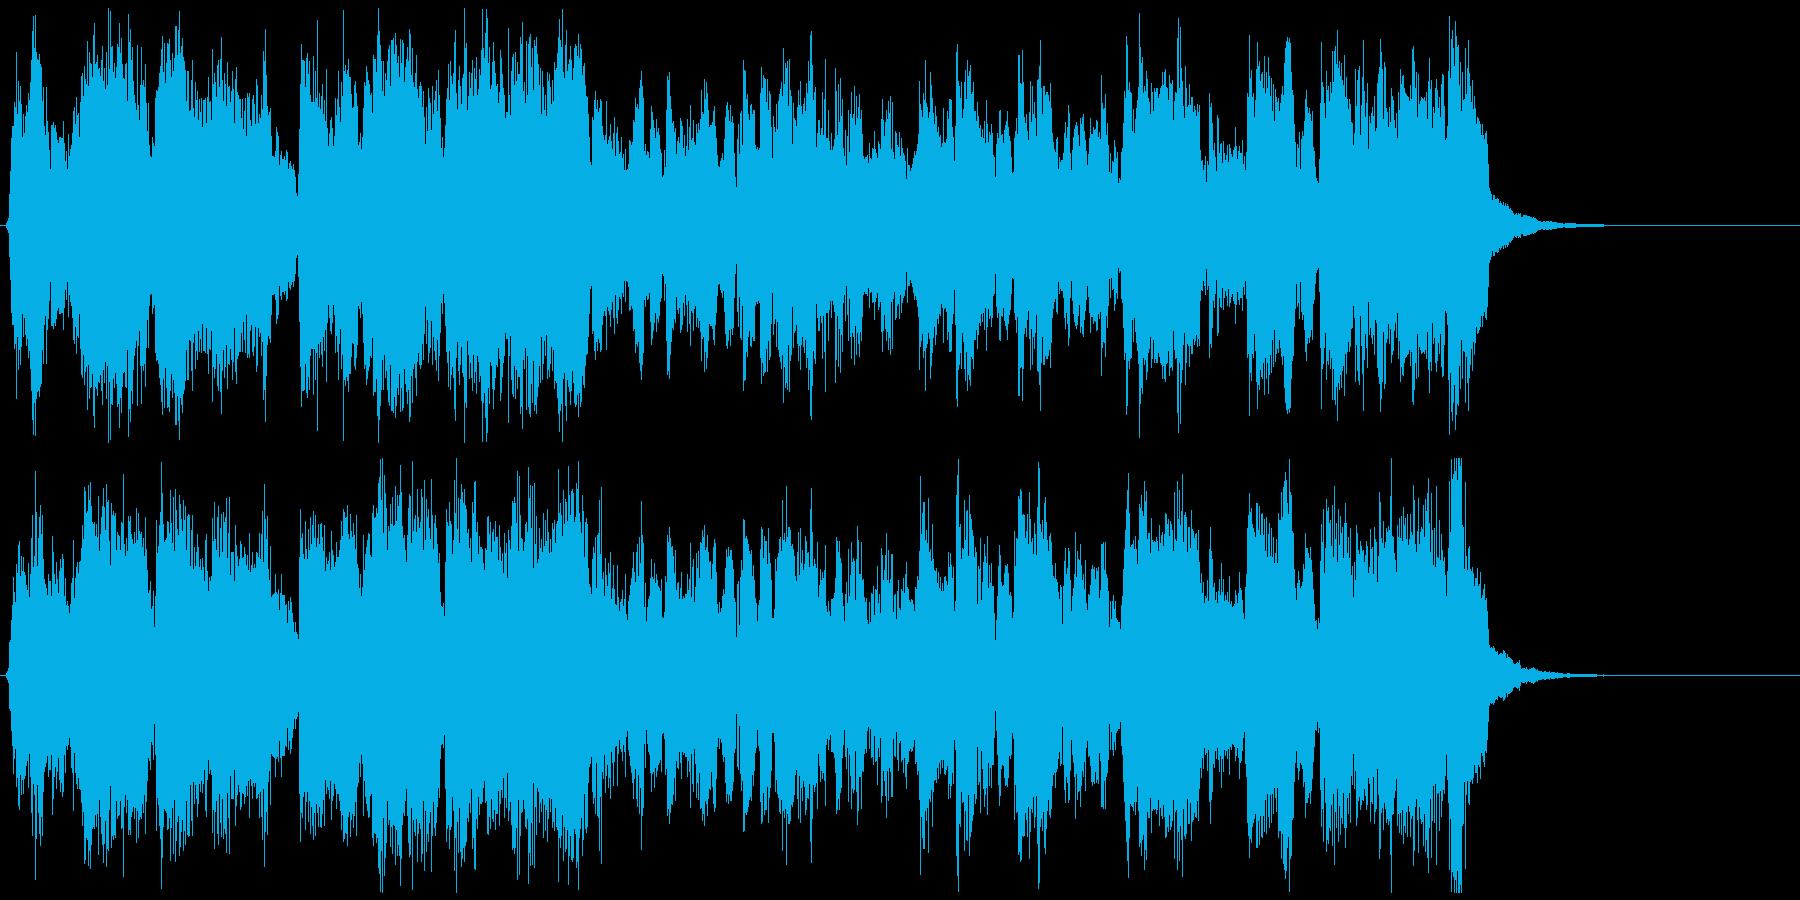 素敵なジャズフルート曲、15秒CM向けの再生済みの波形